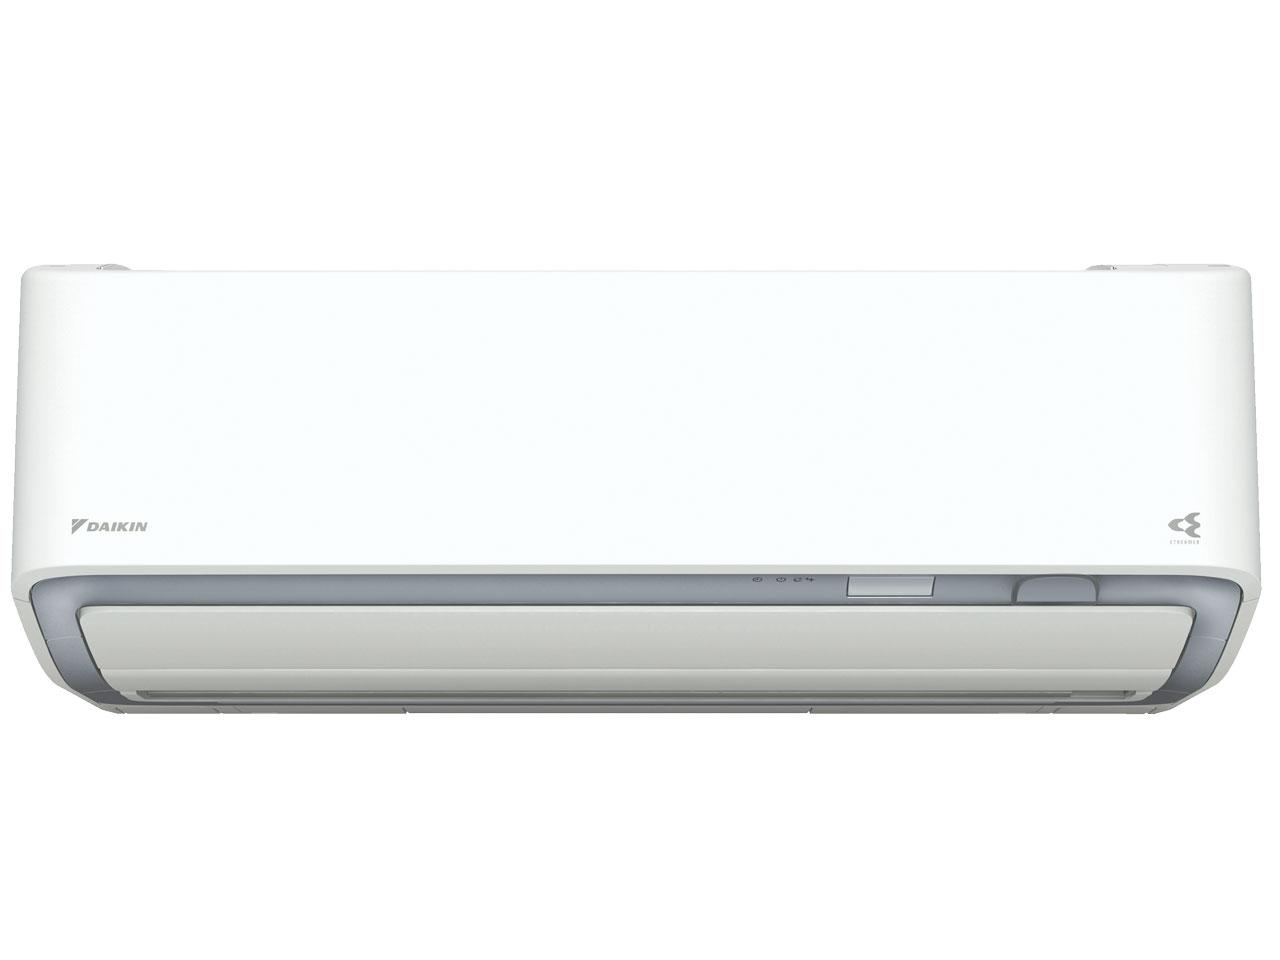 ダイキン 19年モデル うるさら7 RXシリーズ S80WTRXP-W 【200V用】26畳用冷暖房除湿エアコン